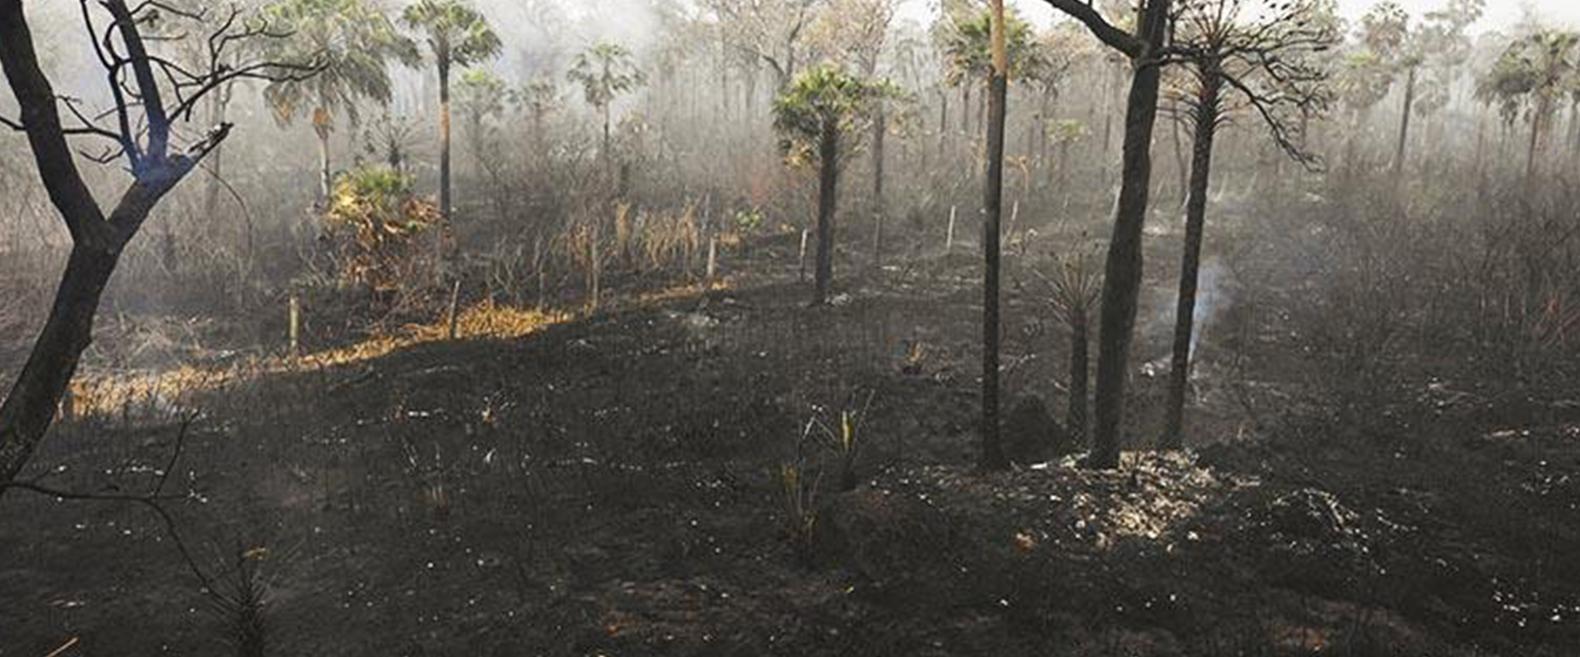 Sociedad civil pide al Gobierno incrementar aspiraciones climáticas